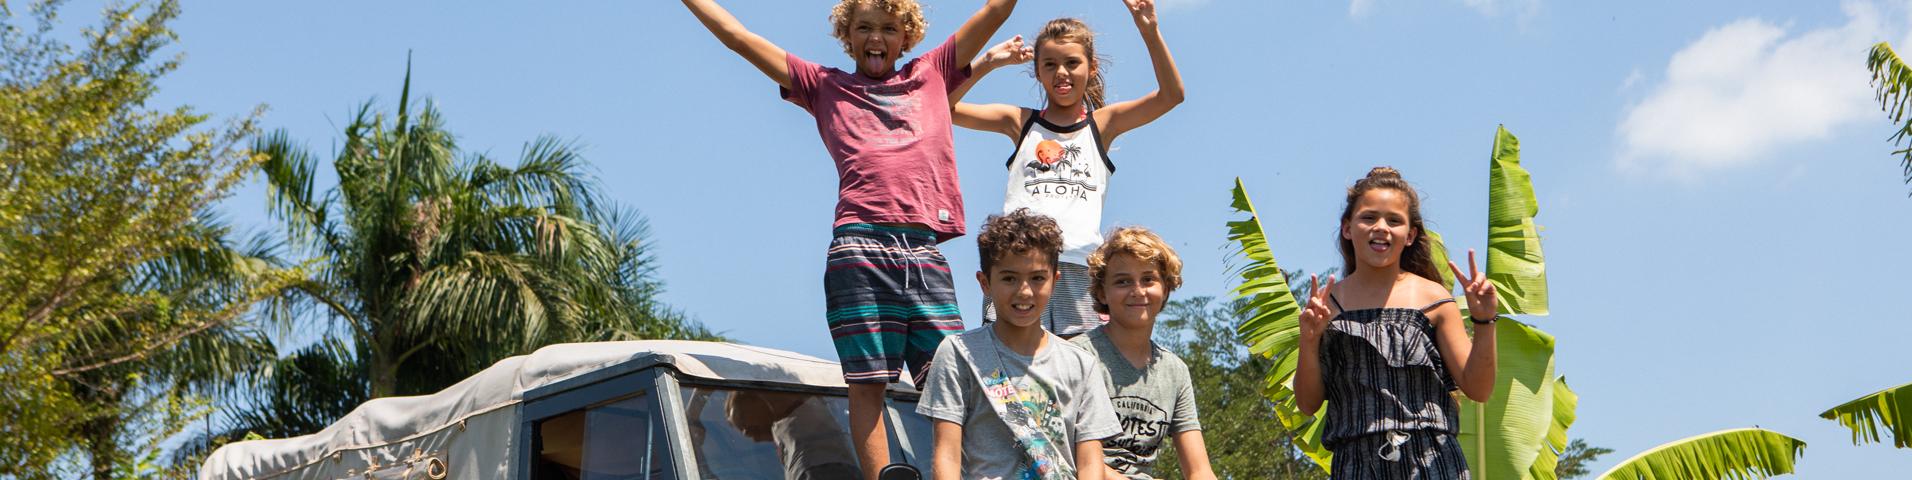 Kinderkleding Zalando.Protest Kinderkleding Online Kopen Gratis Verzending Zalando